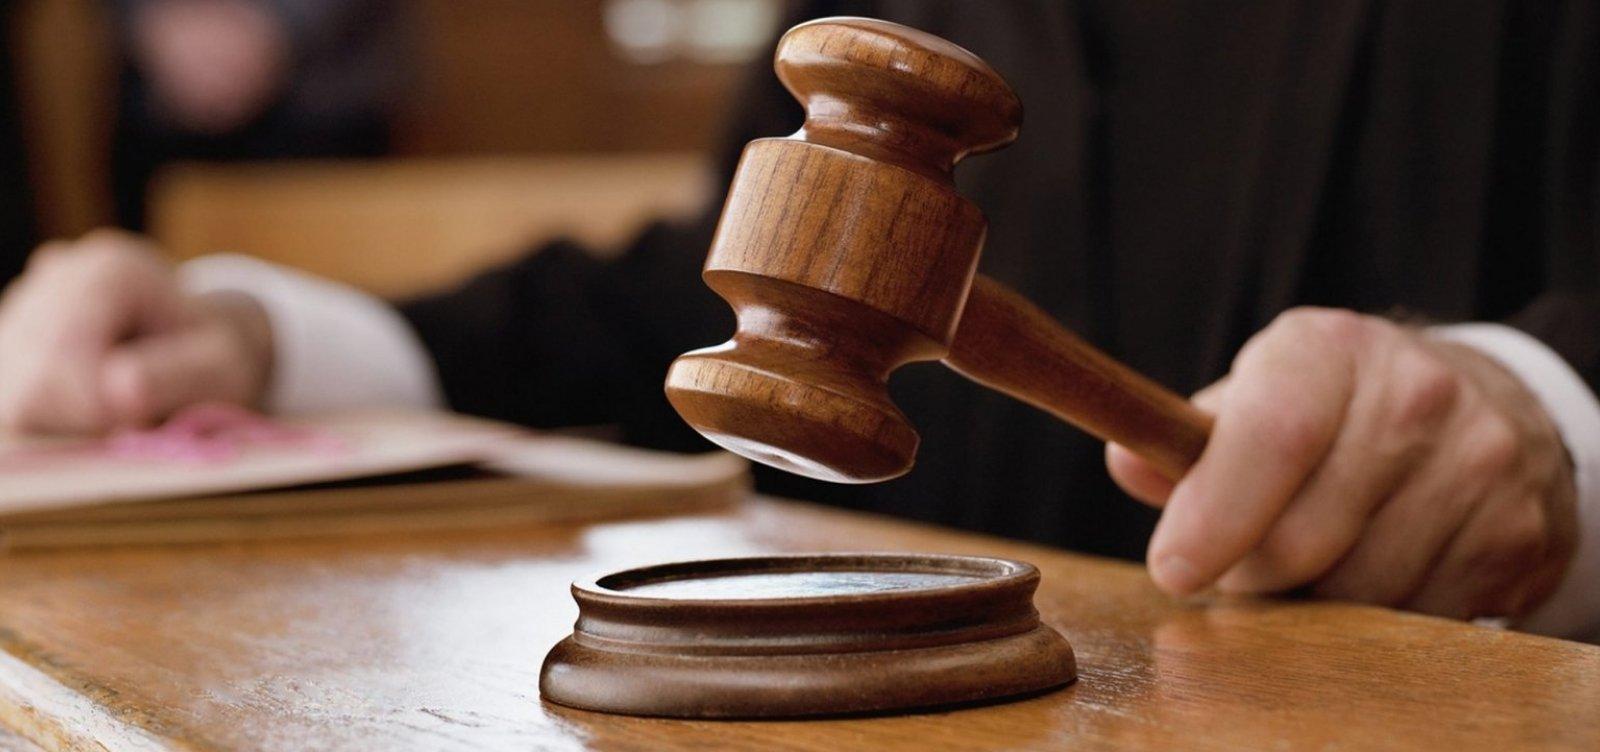 Barreiras: homem que estuprou, torturou e matou mulher é condenado a 32 anos em regime fechado